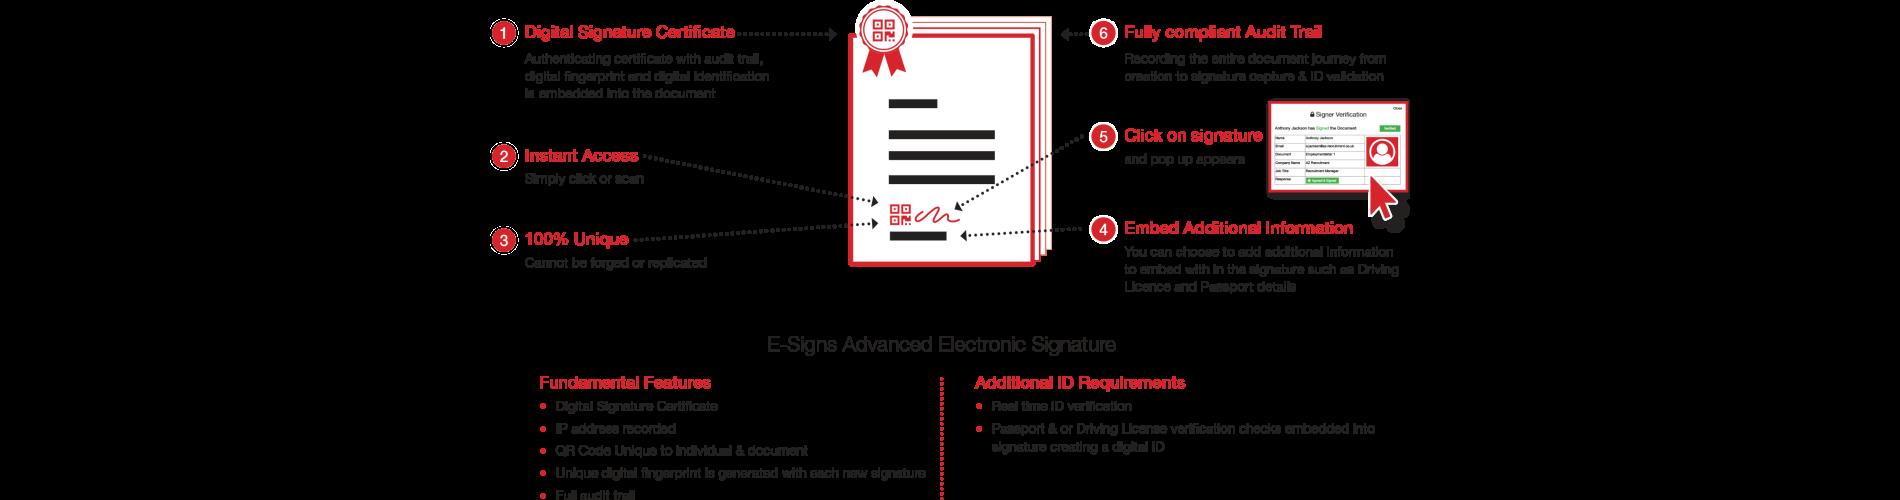 E-Sign Advanced Electronic Signature Diagram